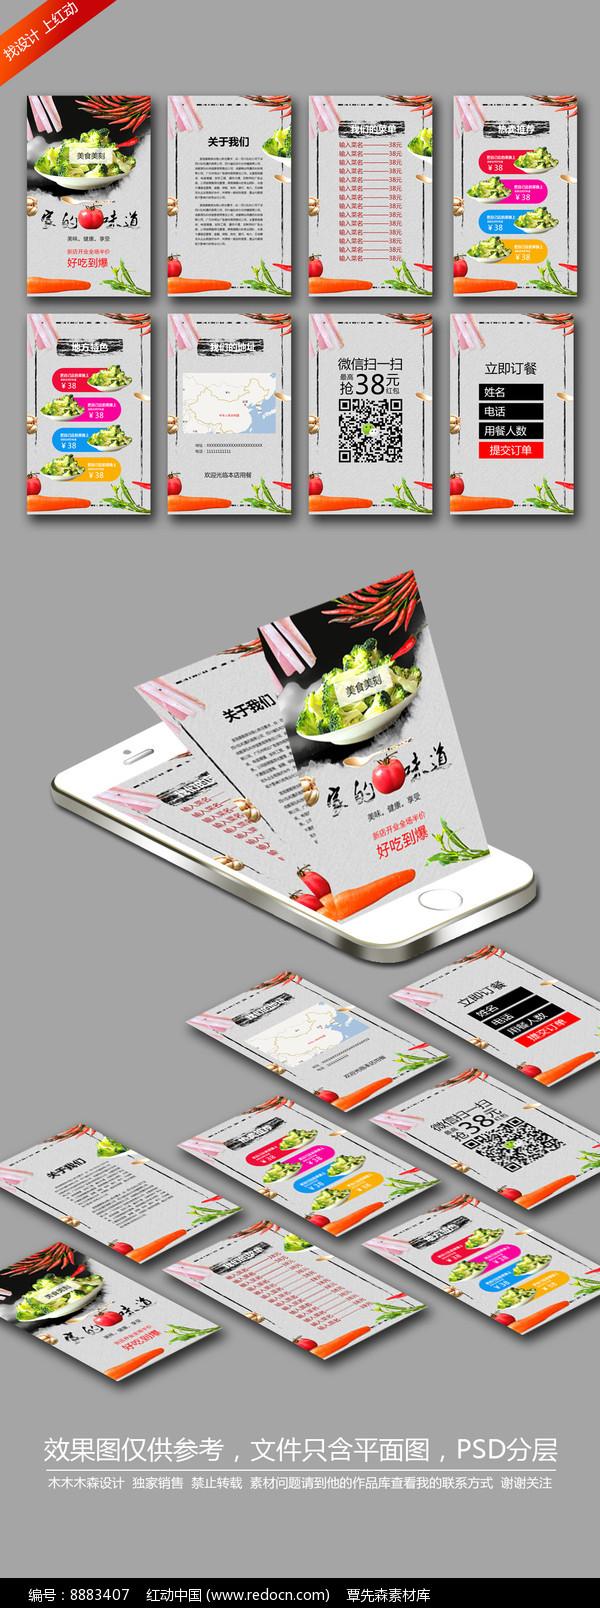 餐饮行业H5美食菜单宣传模板图片